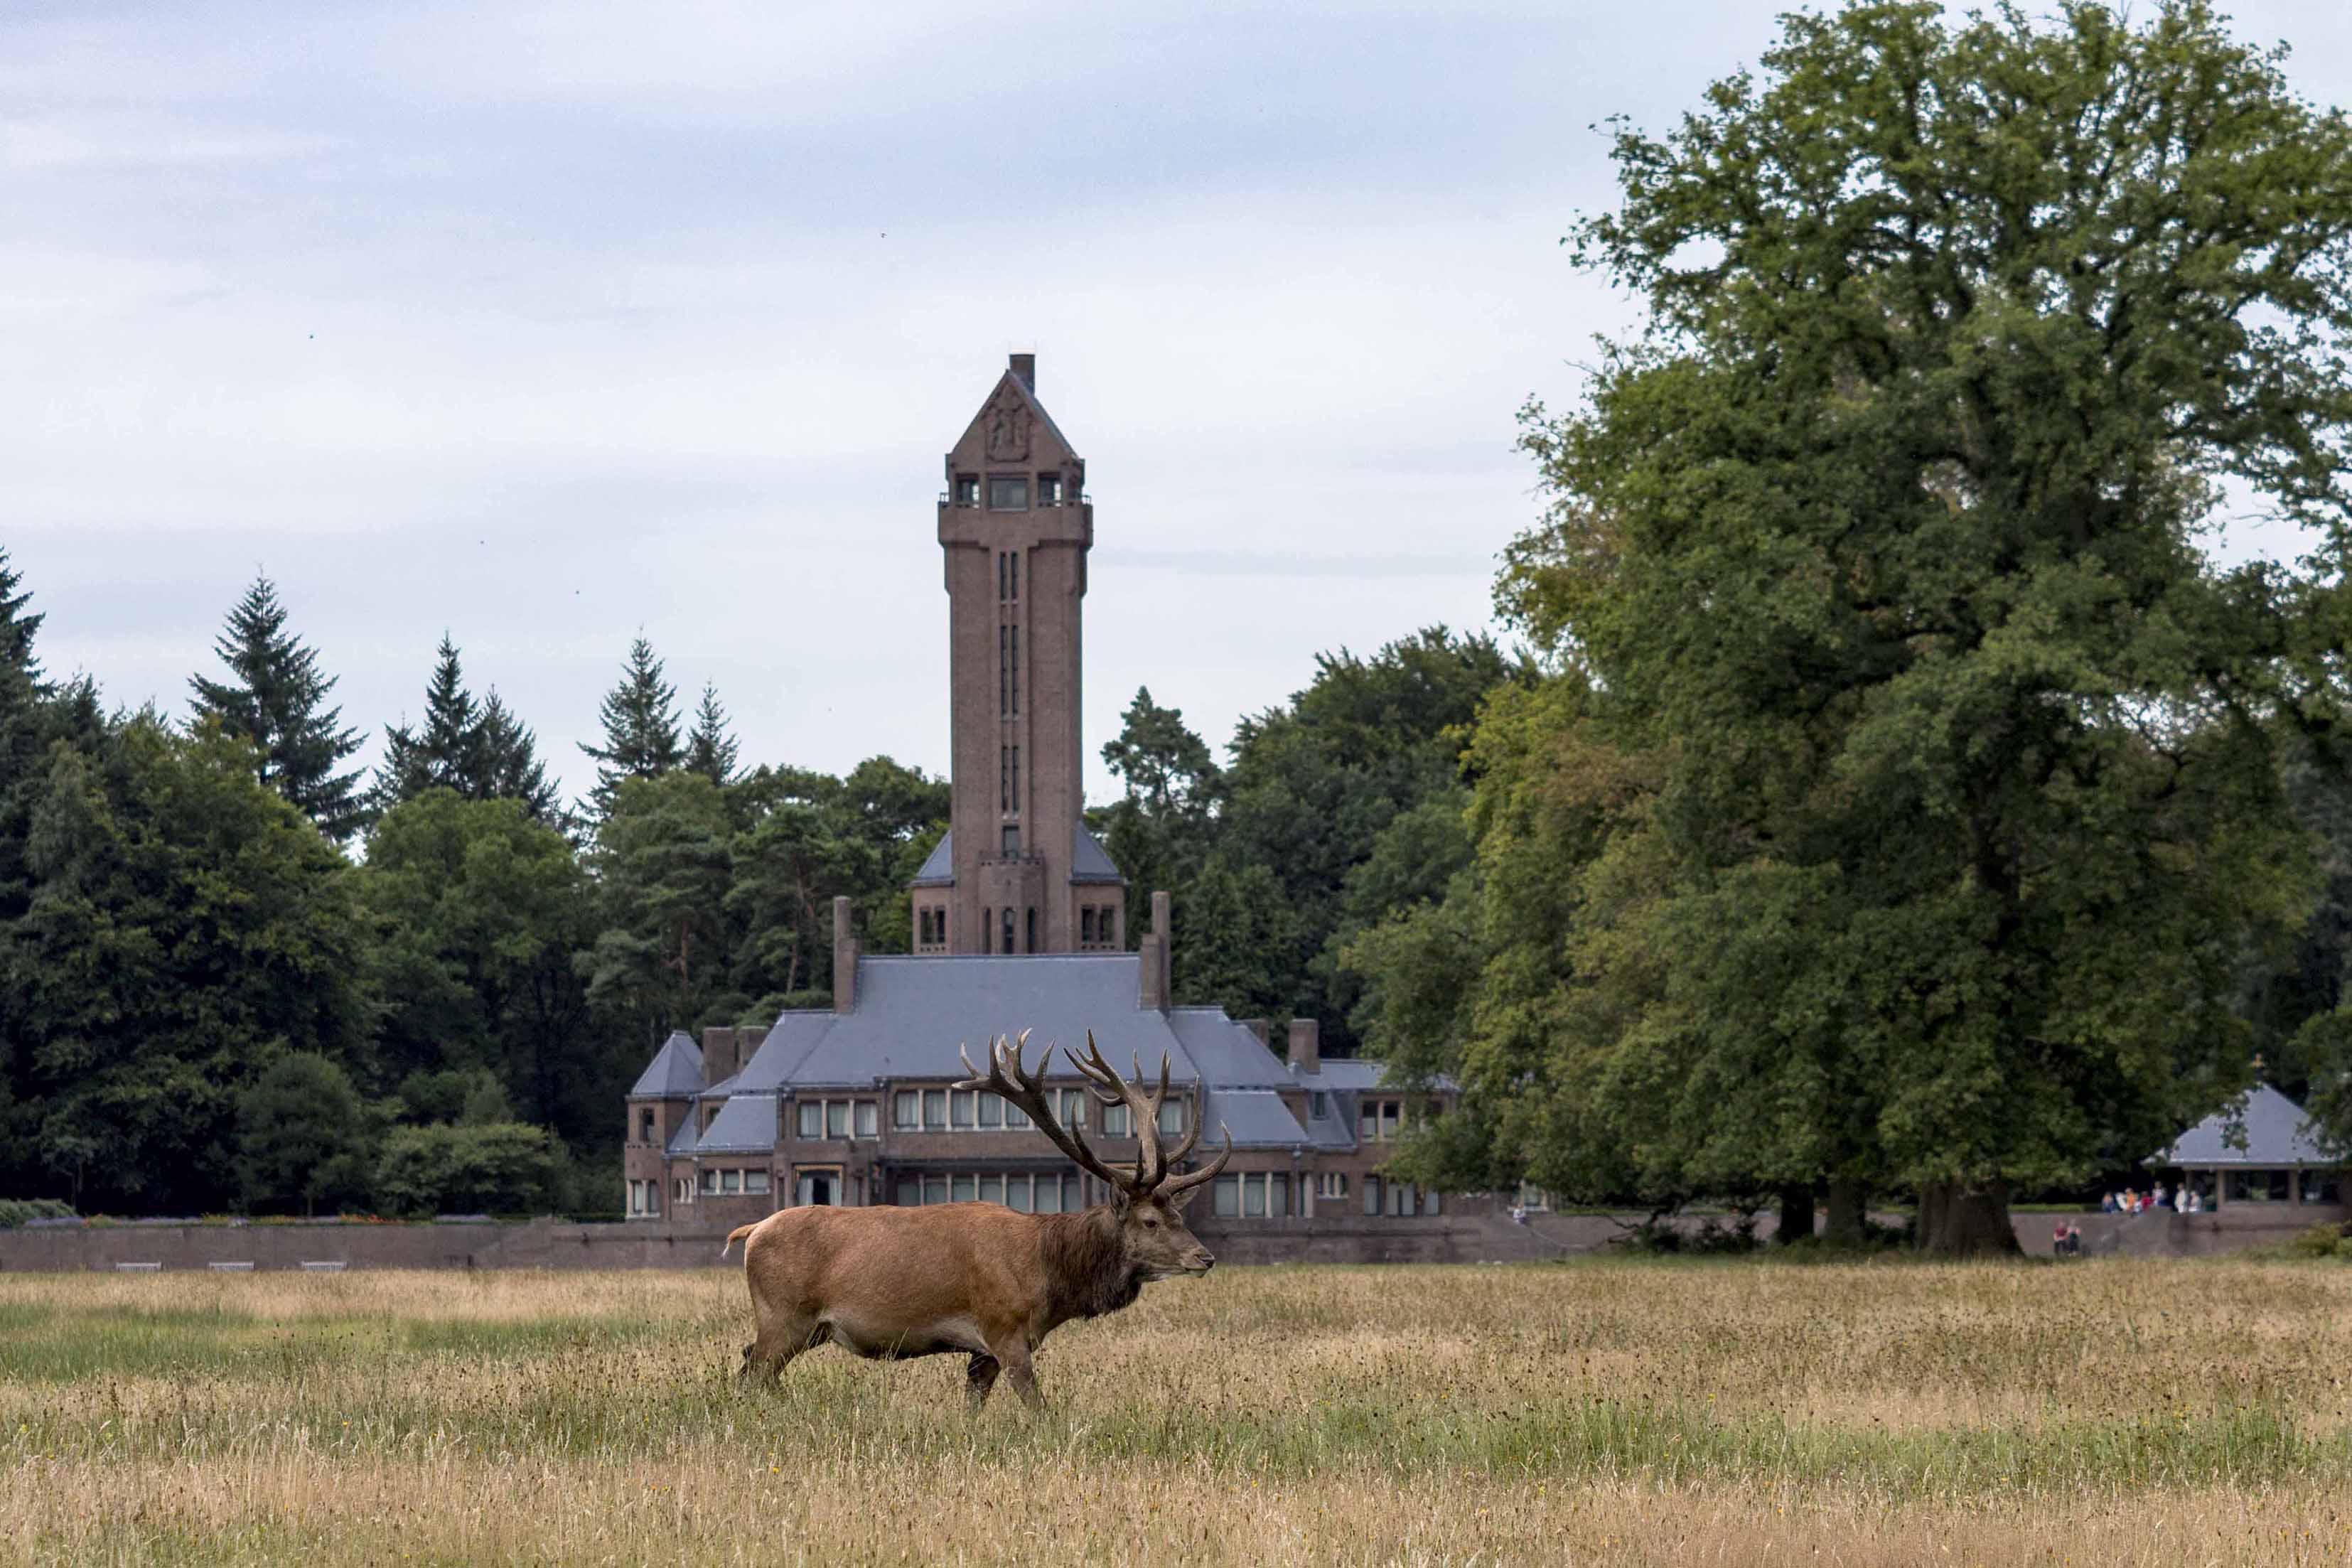 Het hert Hubertus voor het gelijknamige Jachthuis Sint Hubertus - Foto: ©Leon Sterk